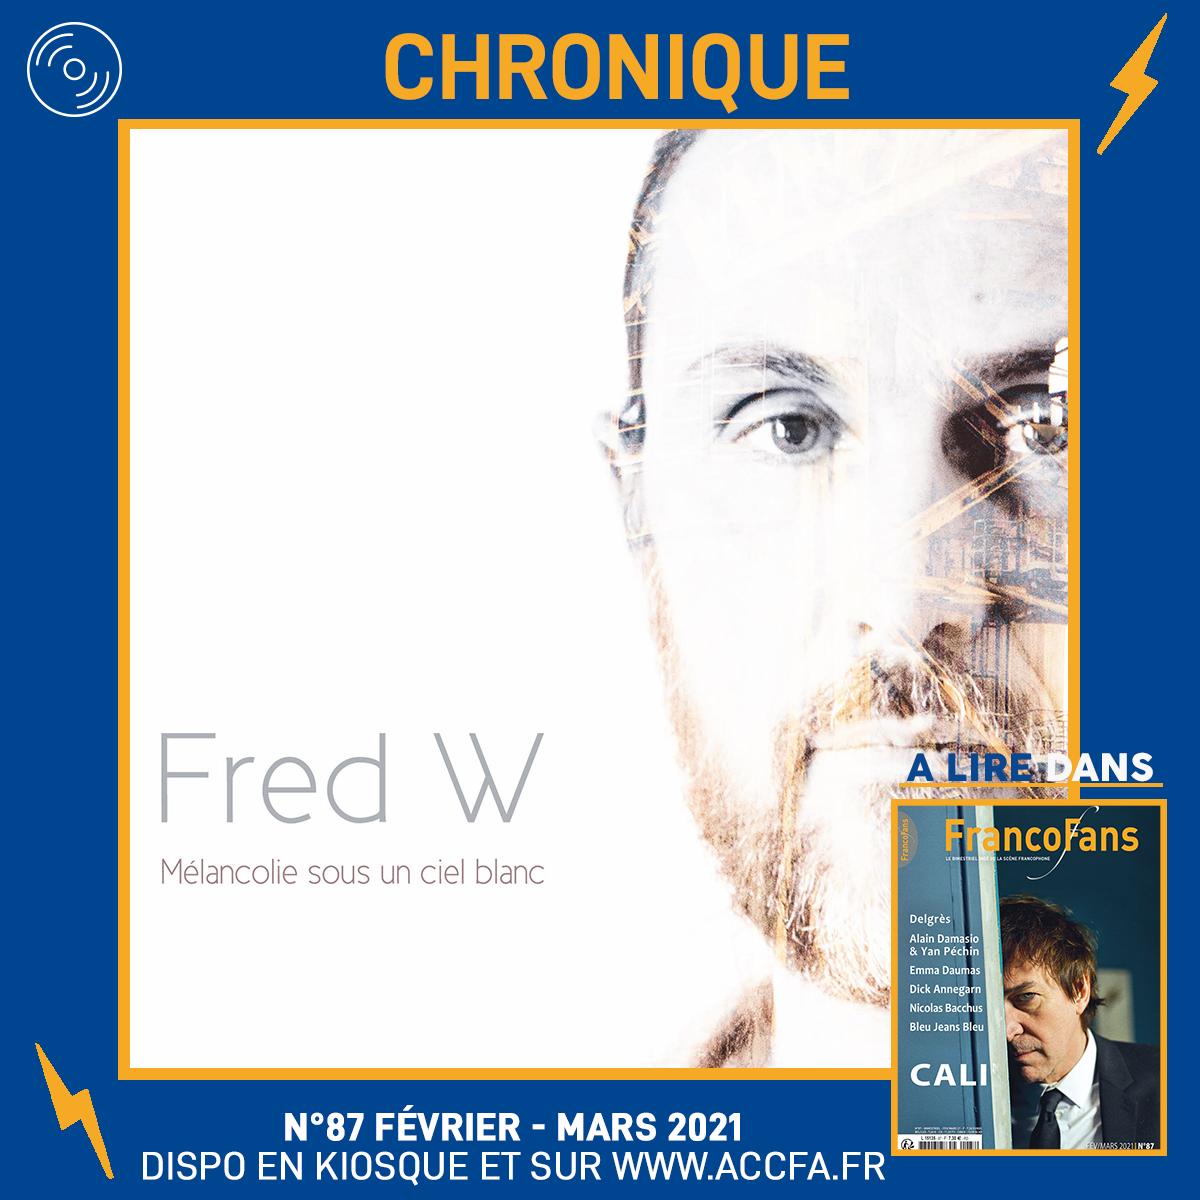 [Chronique] Fred W - Mélancolie sous un ciel blanc